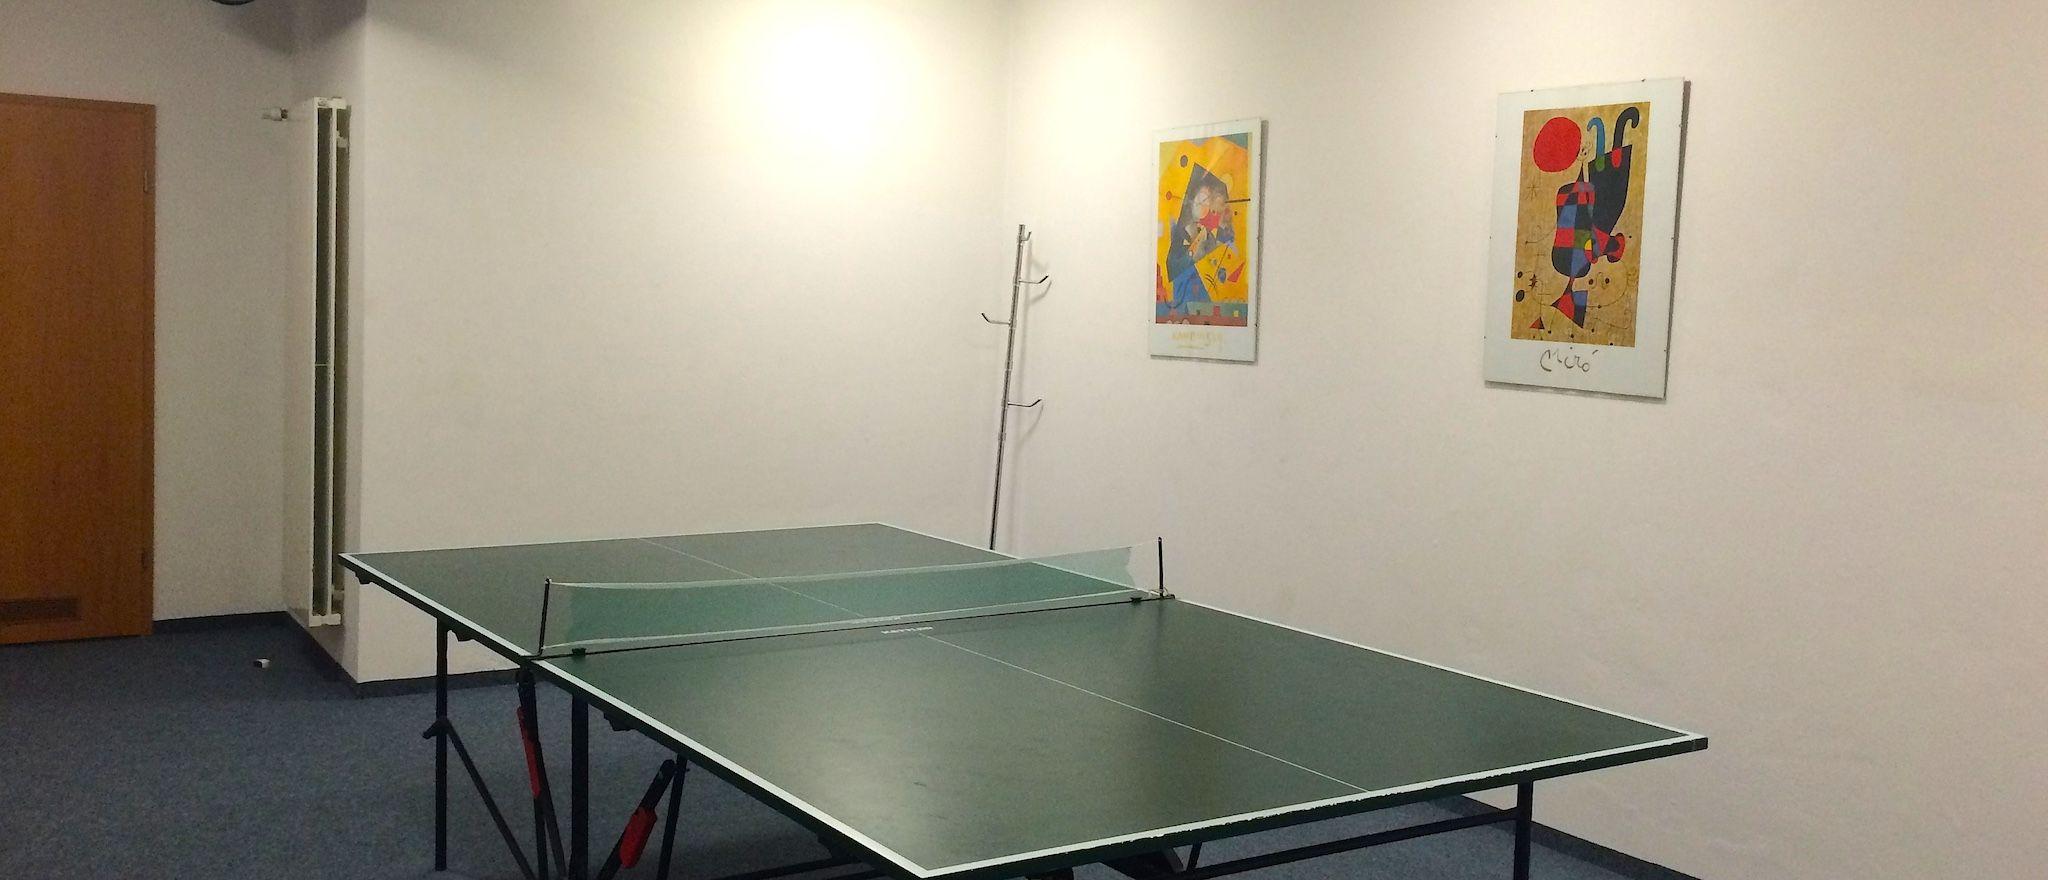 Tischtennis Bad Elster